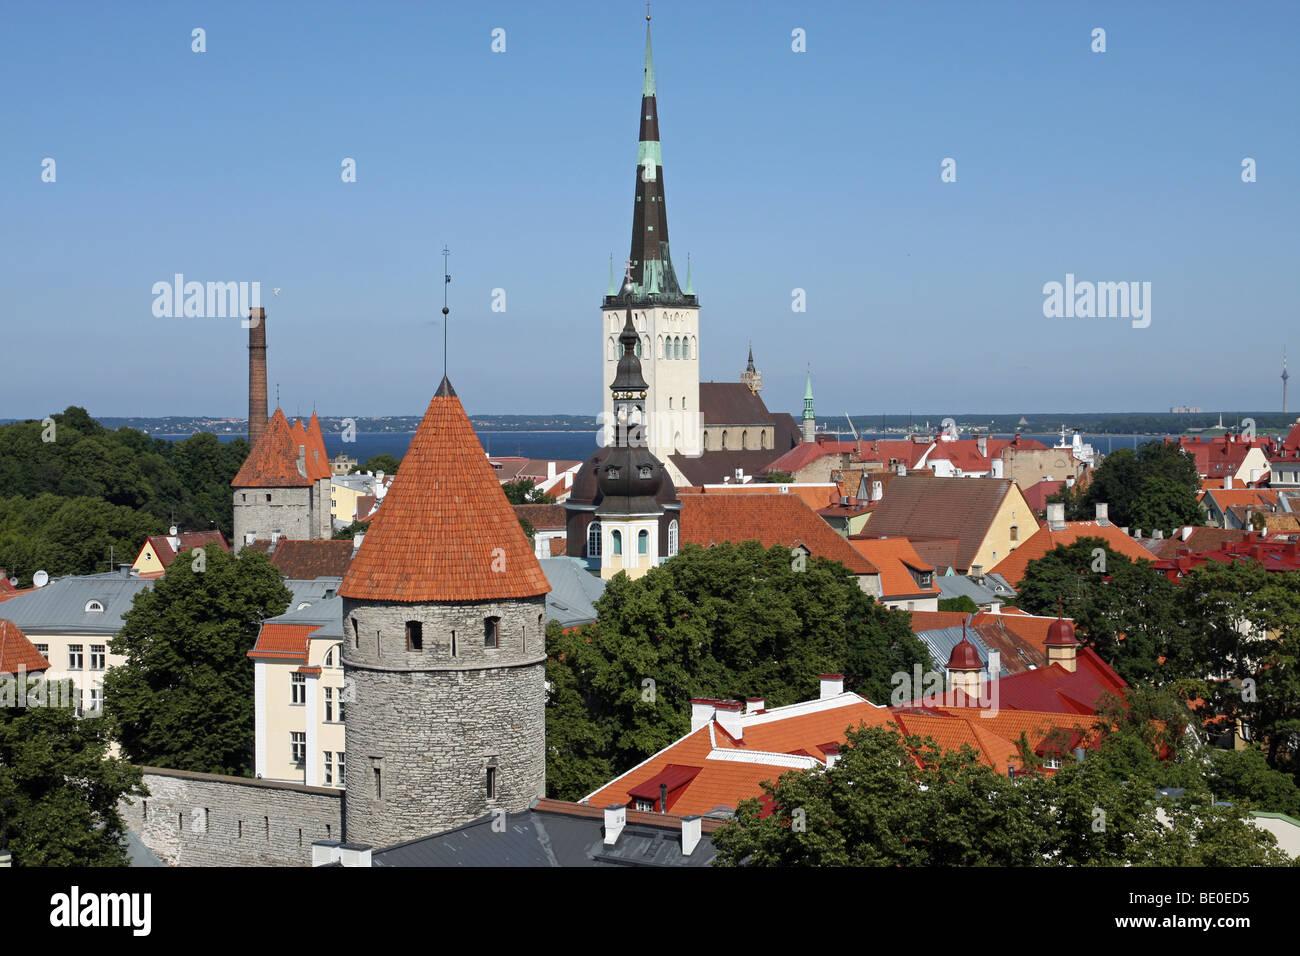 Tallinn old town - Stock Image